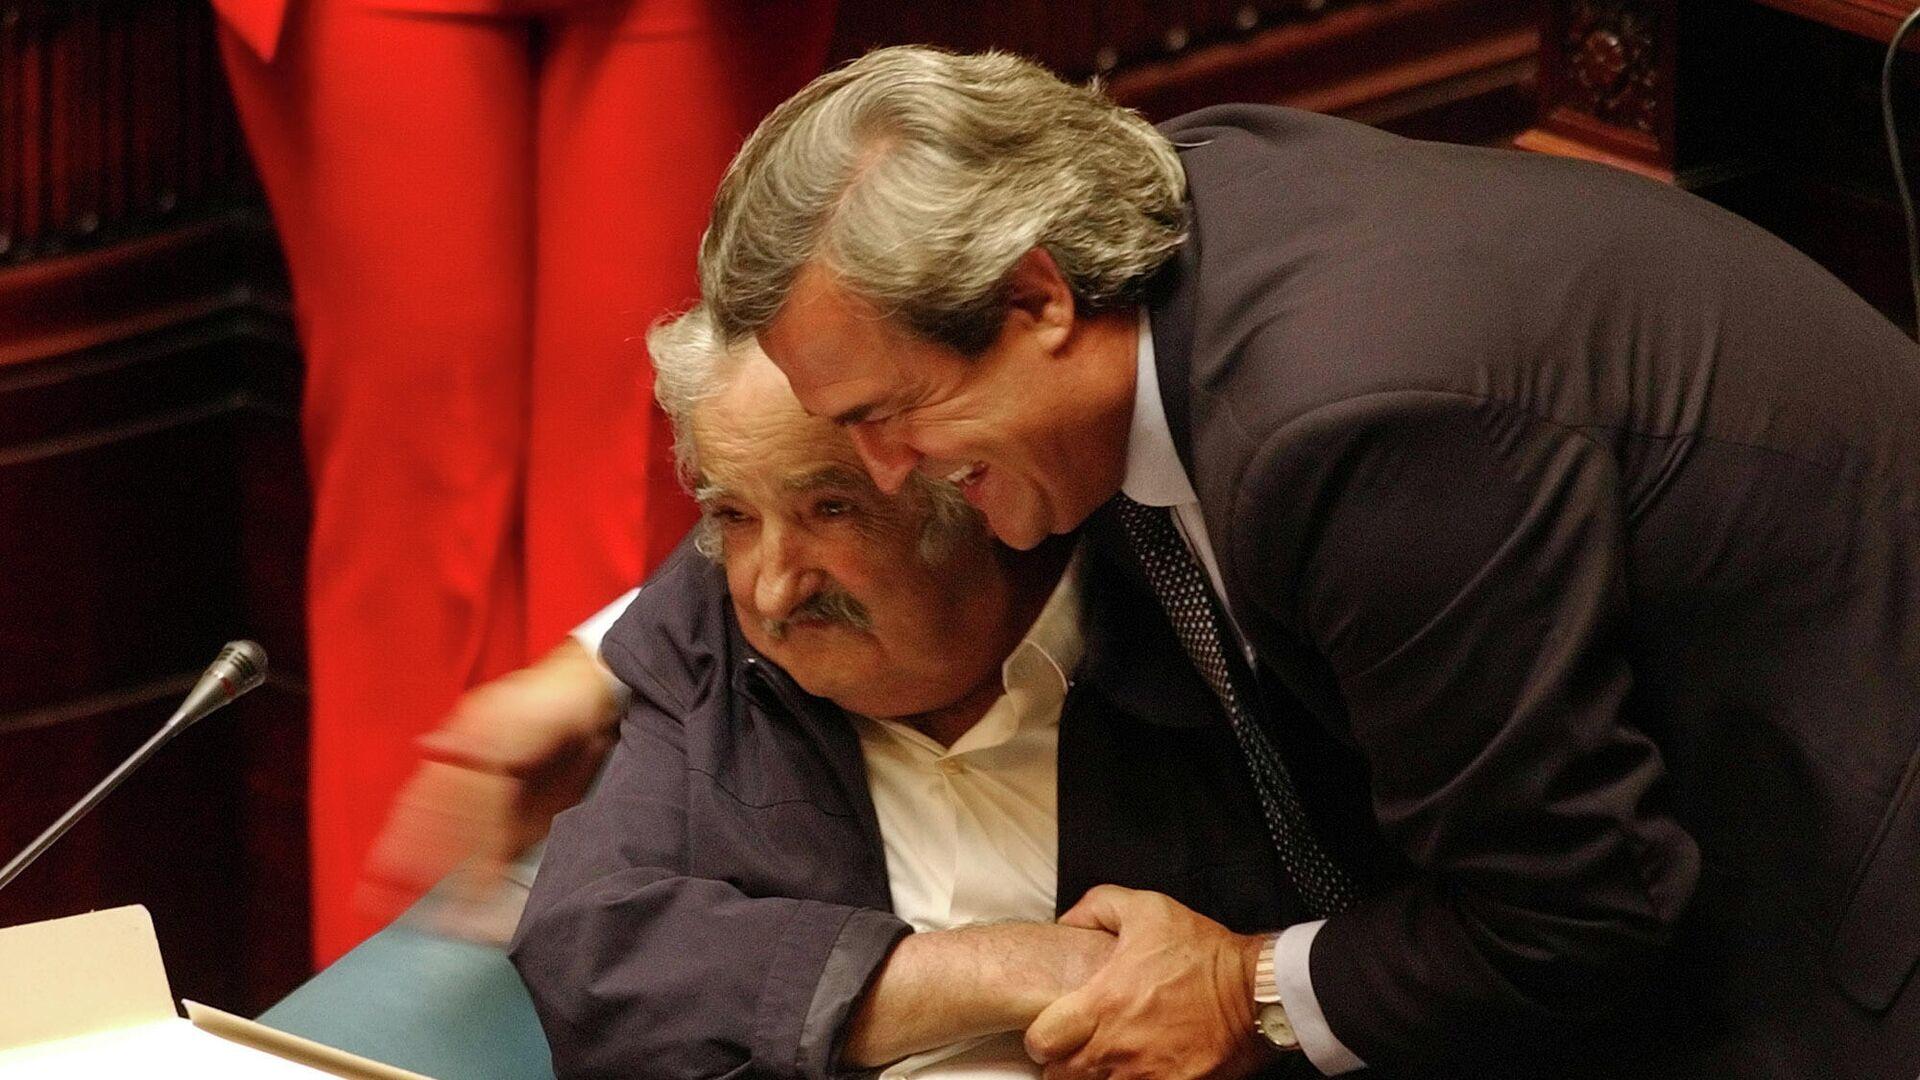 José Mujica y Jorge Larrañaga se abrazan en la primera sesión del Senado en 2005 - Sputnik Mundo, 1920, 24.05.2021